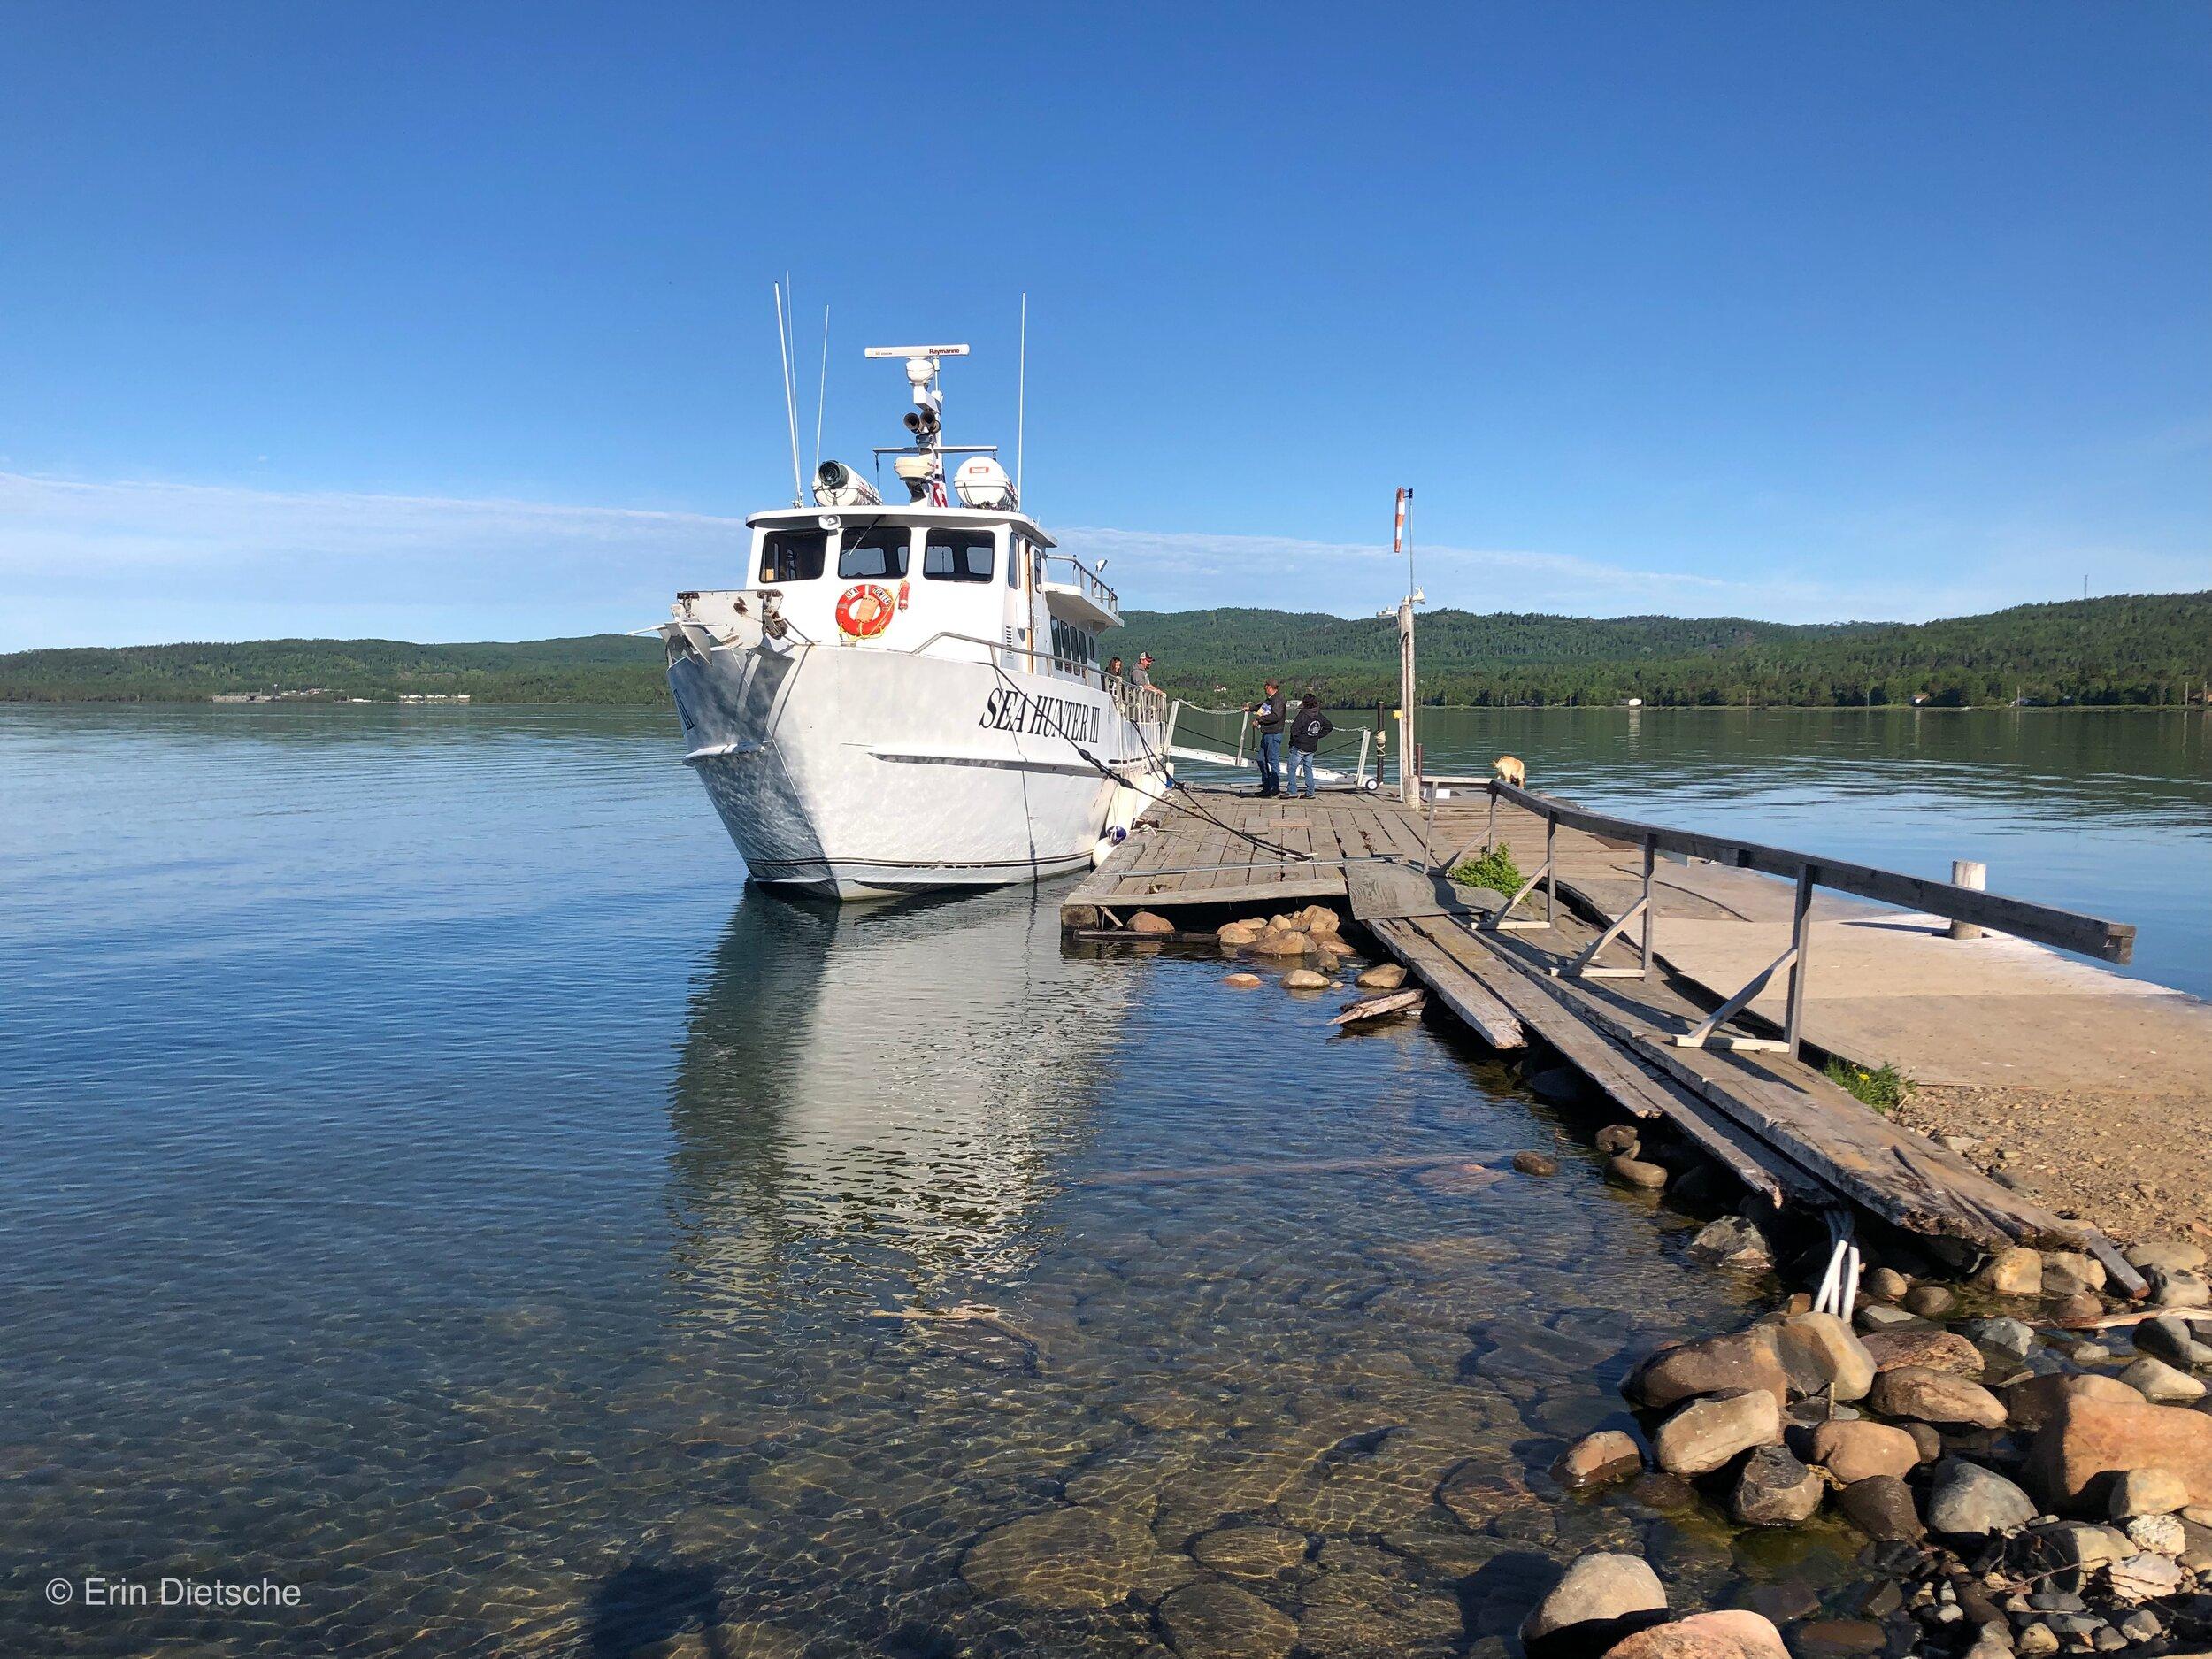 The Sea Hunter III in Grand Portage, Minnesota